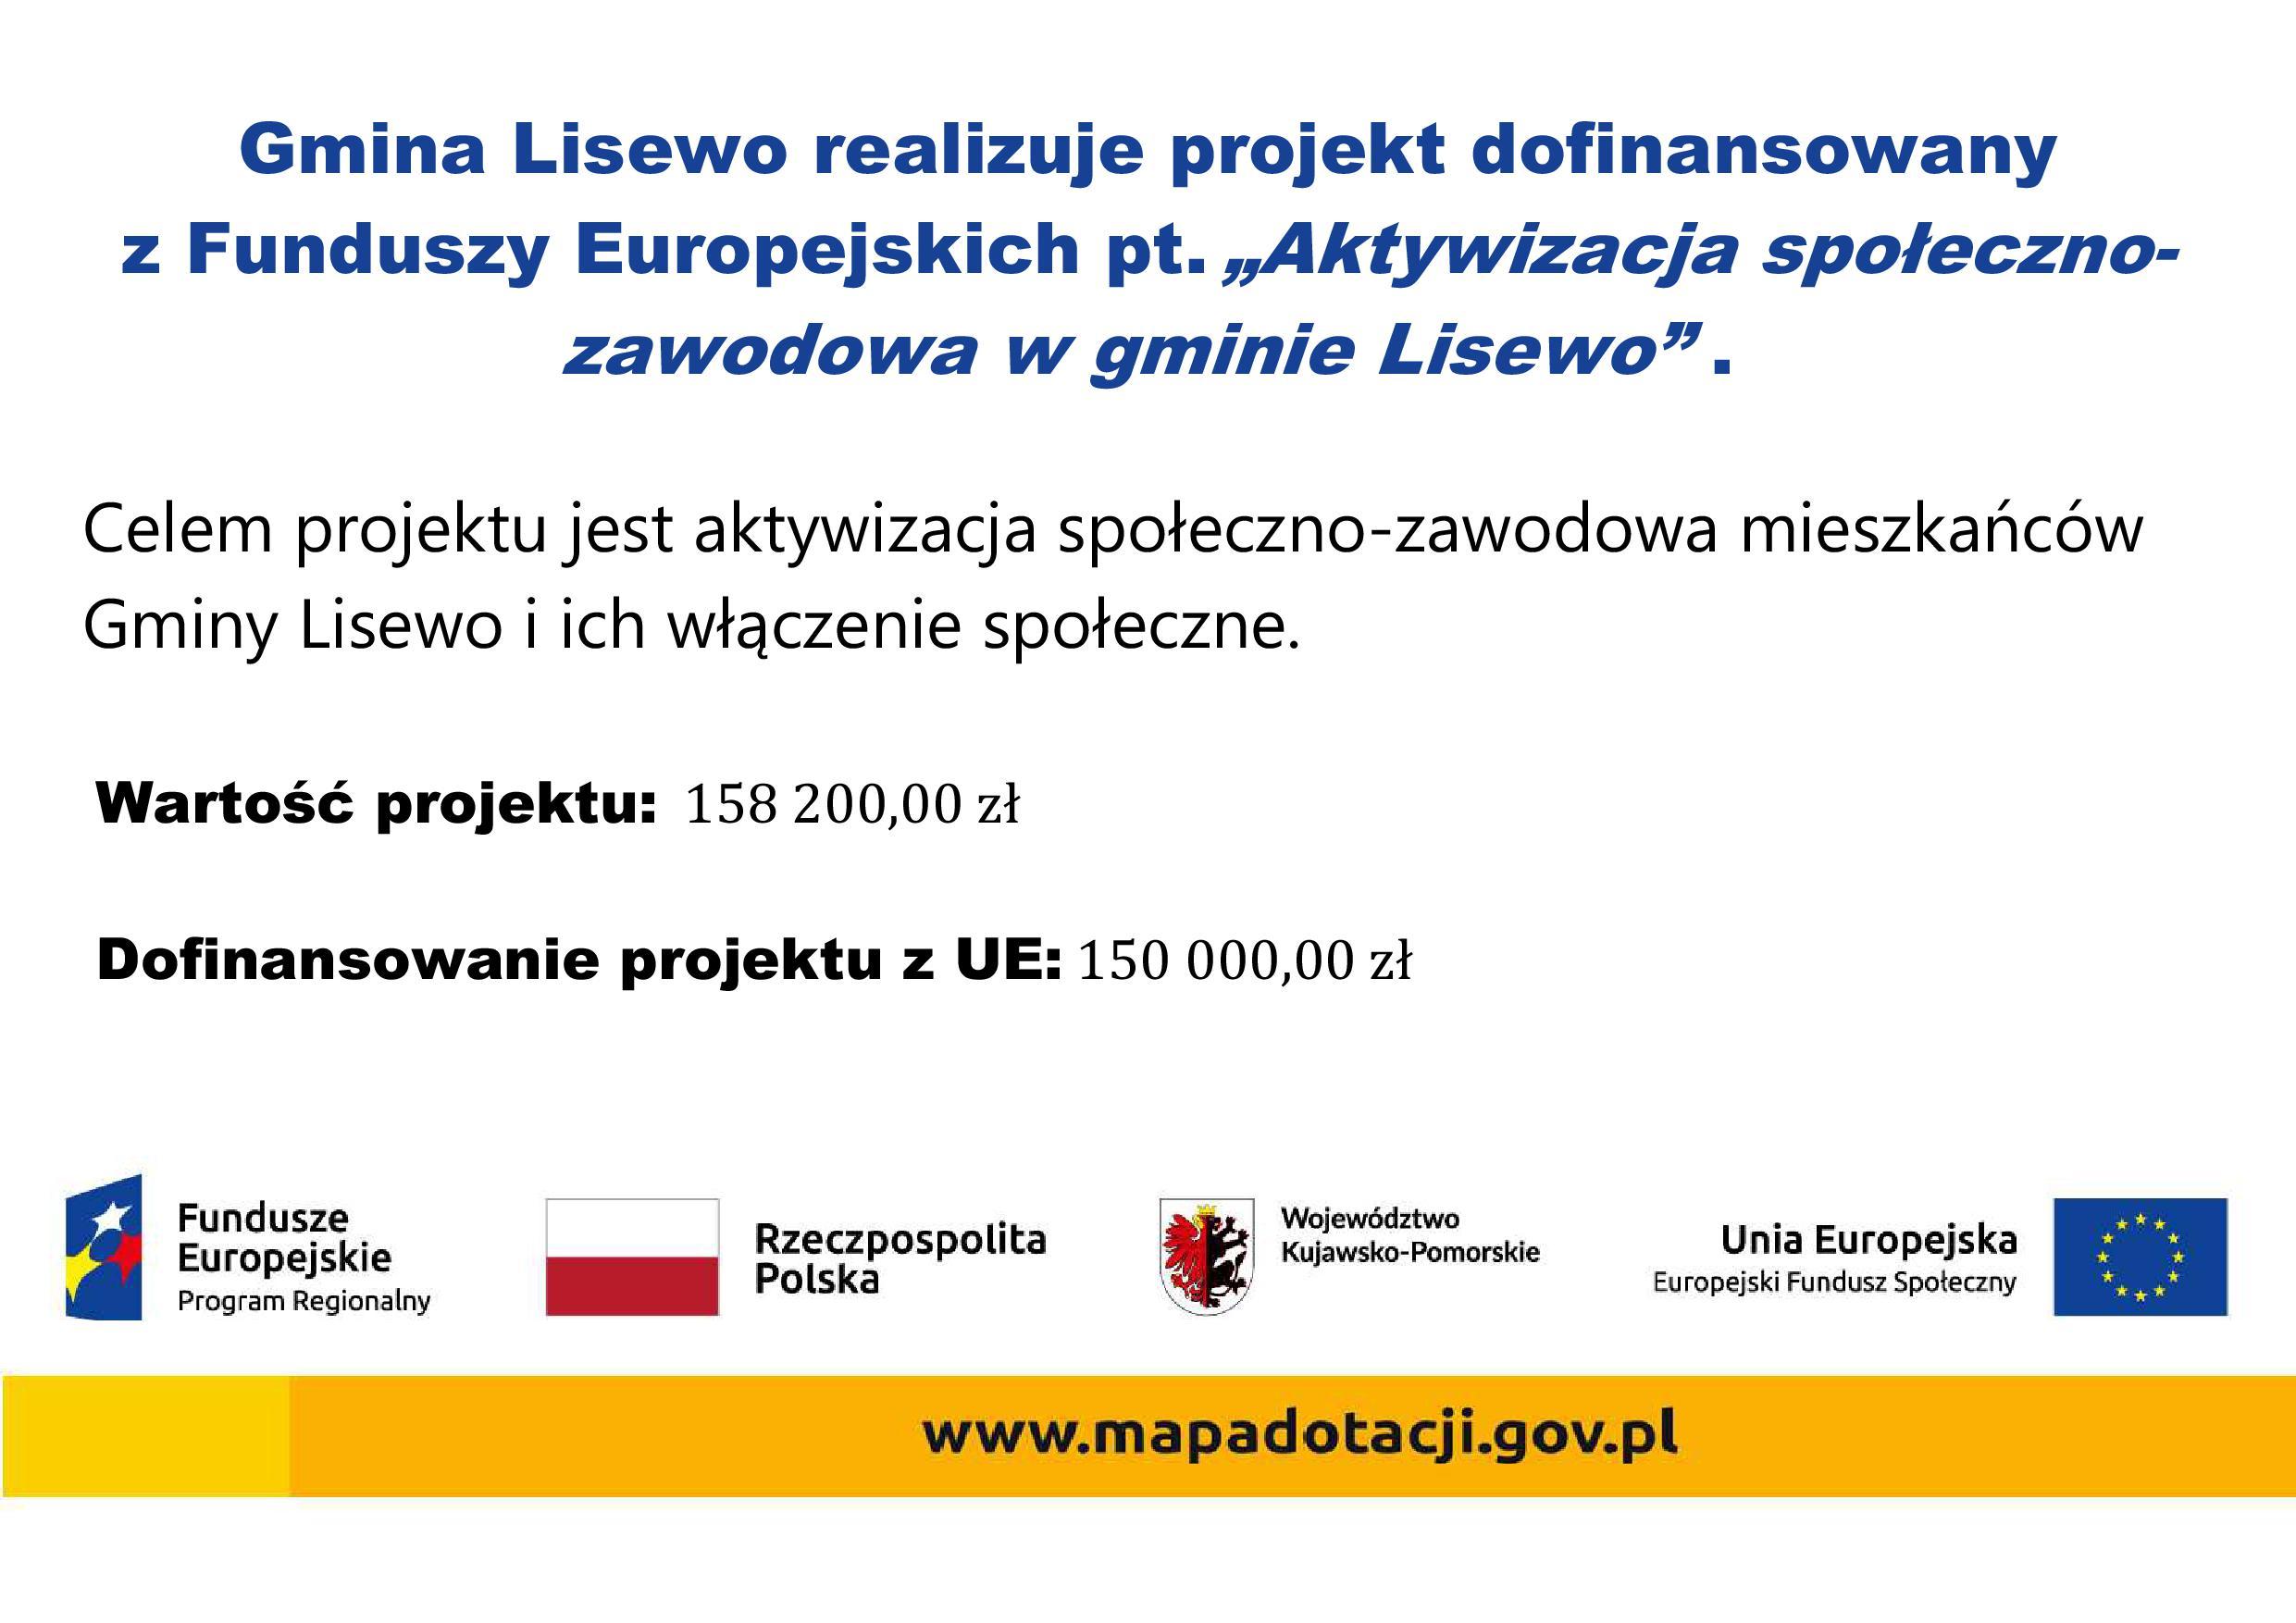 aktywizacja spoleczno zawodowa w gminie Lisewo